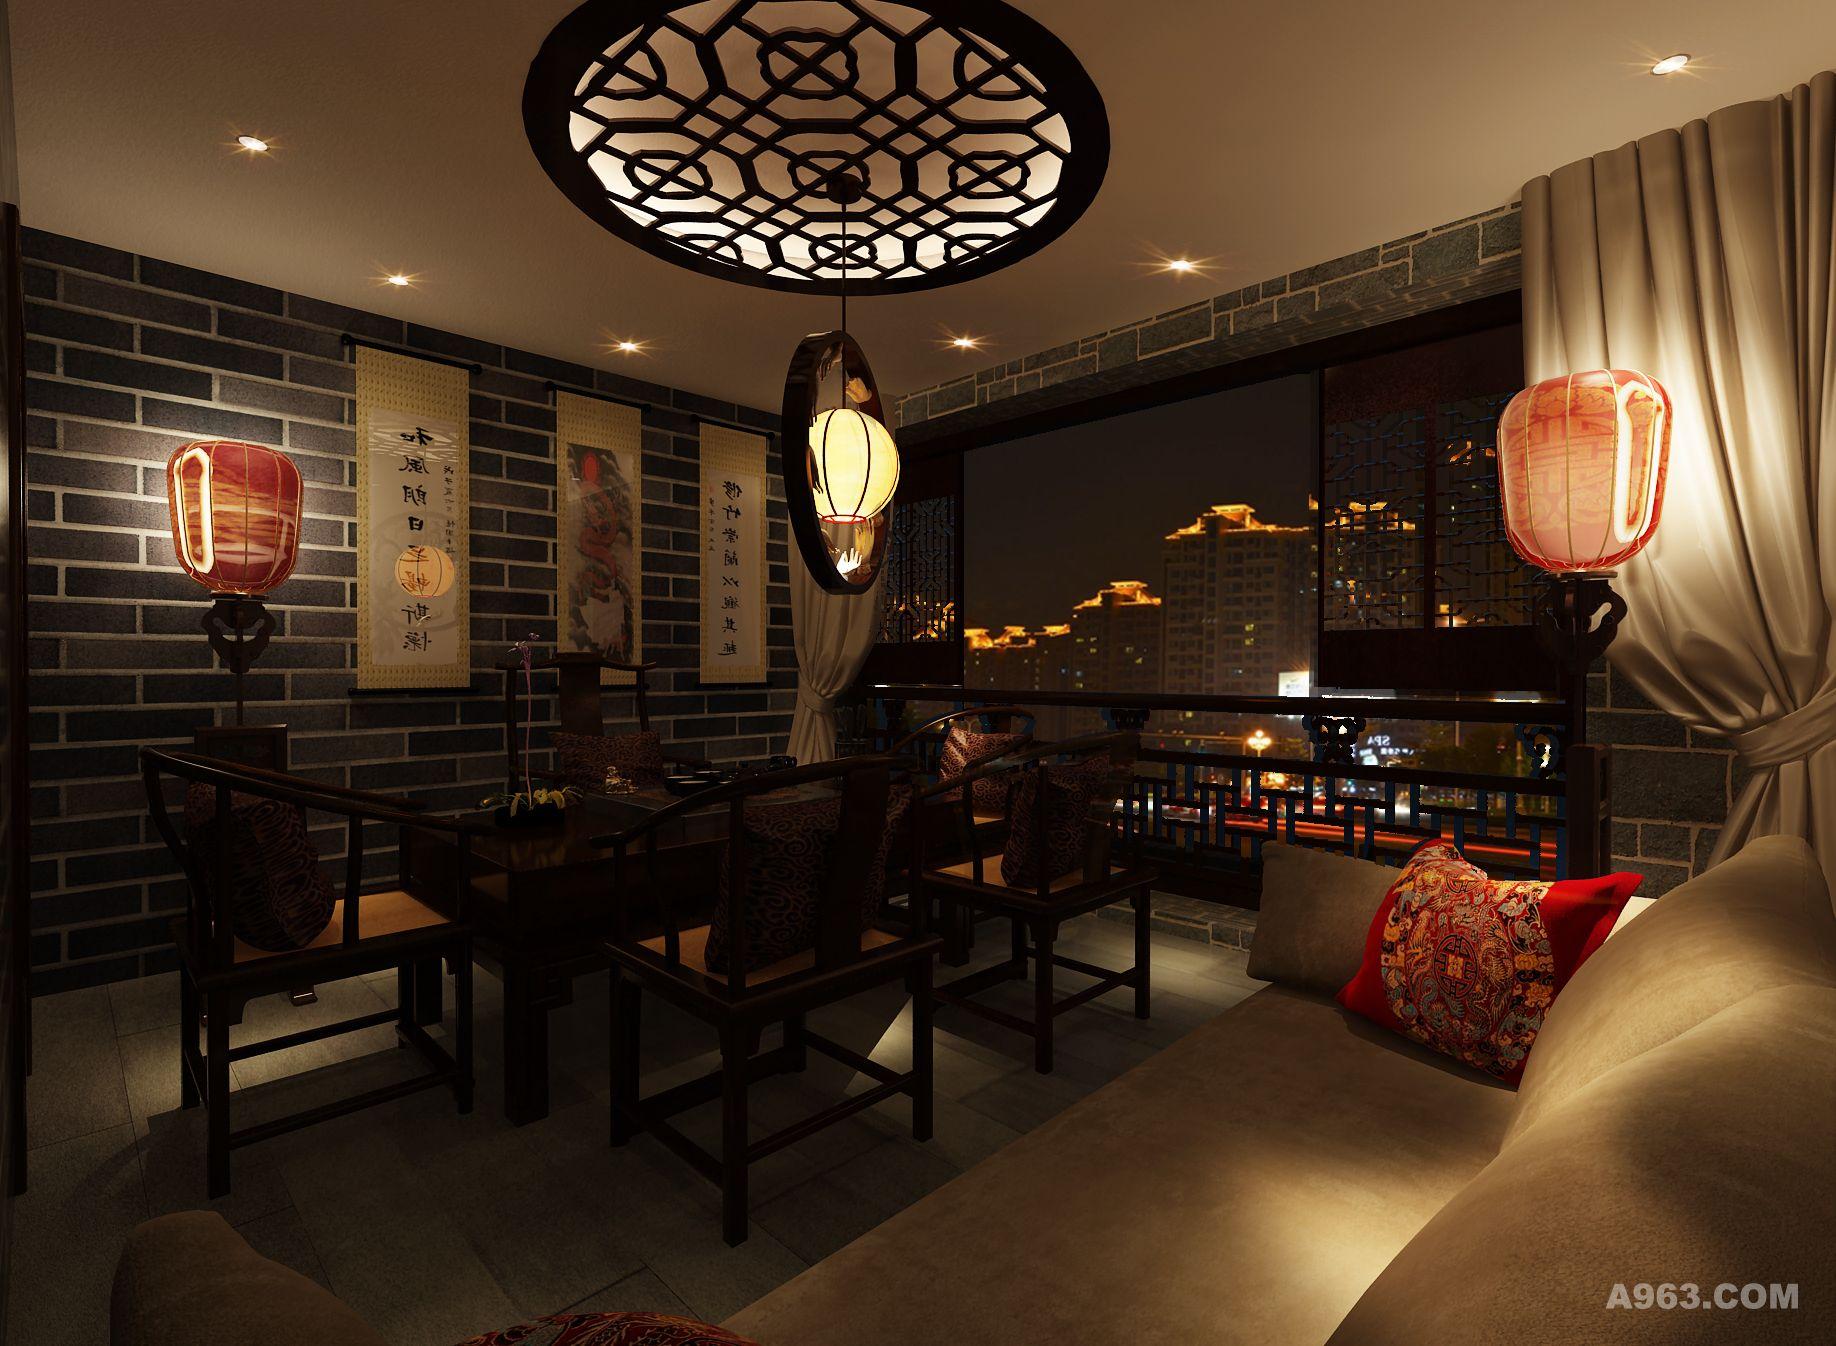 设计说明:此方案为一套中式茶楼设计,设计风格主要以中式名族风格为